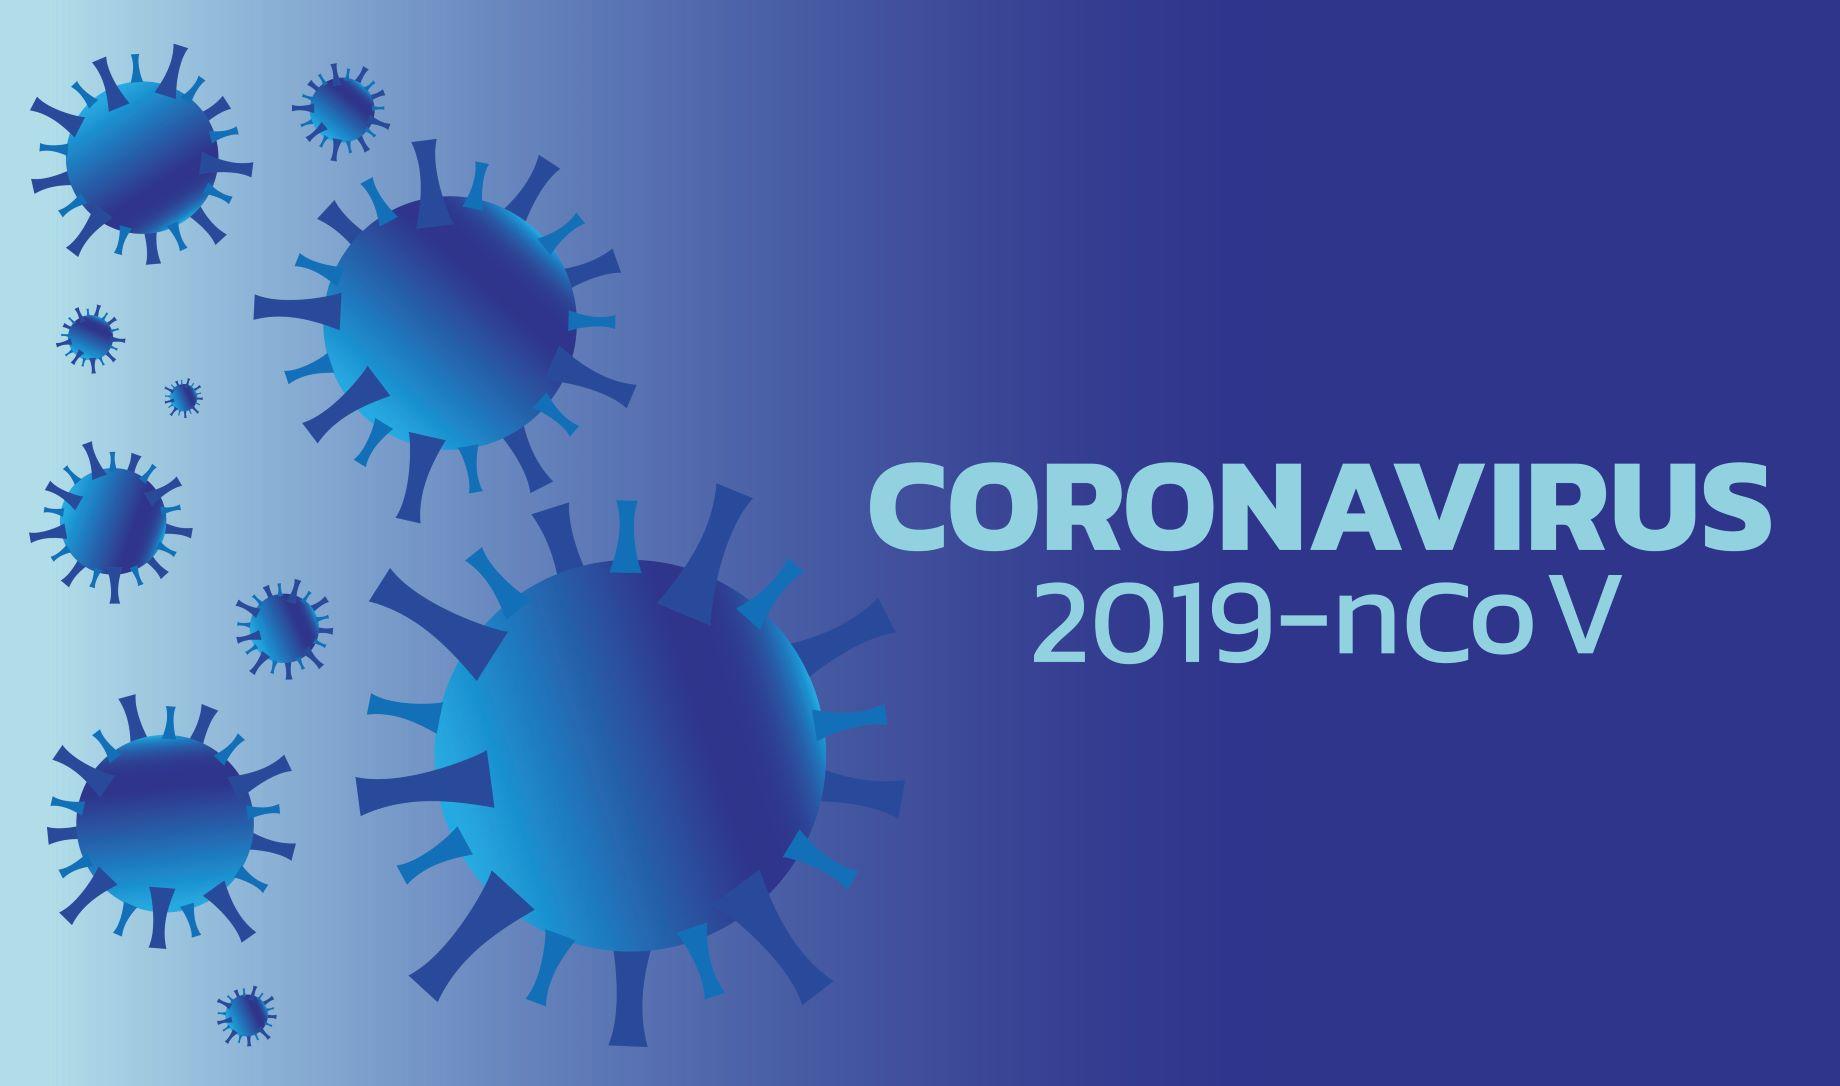 รู้จัก พ.ร.ก.ฉุกเฉิน มาตรการขั้นสุดคุมโควิด 19 COVID-19 thaihealth